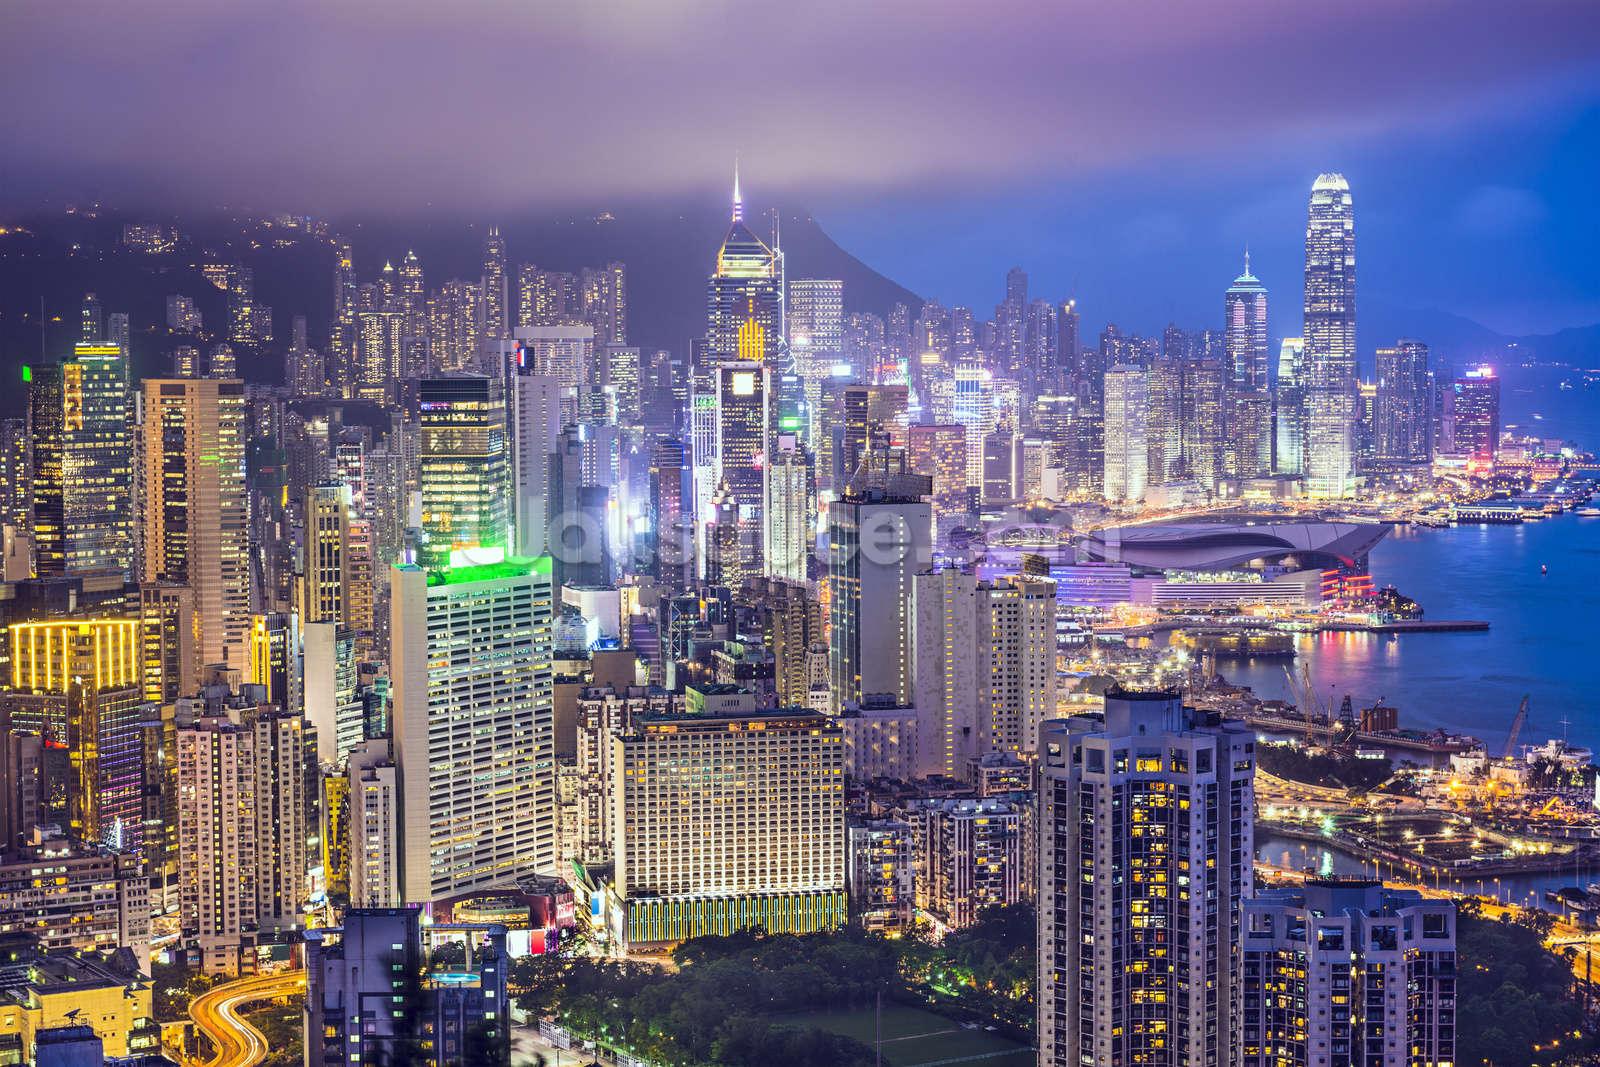 Hong Kong Island Skyline Wallpaper Wall Mural Wallsauce Usa